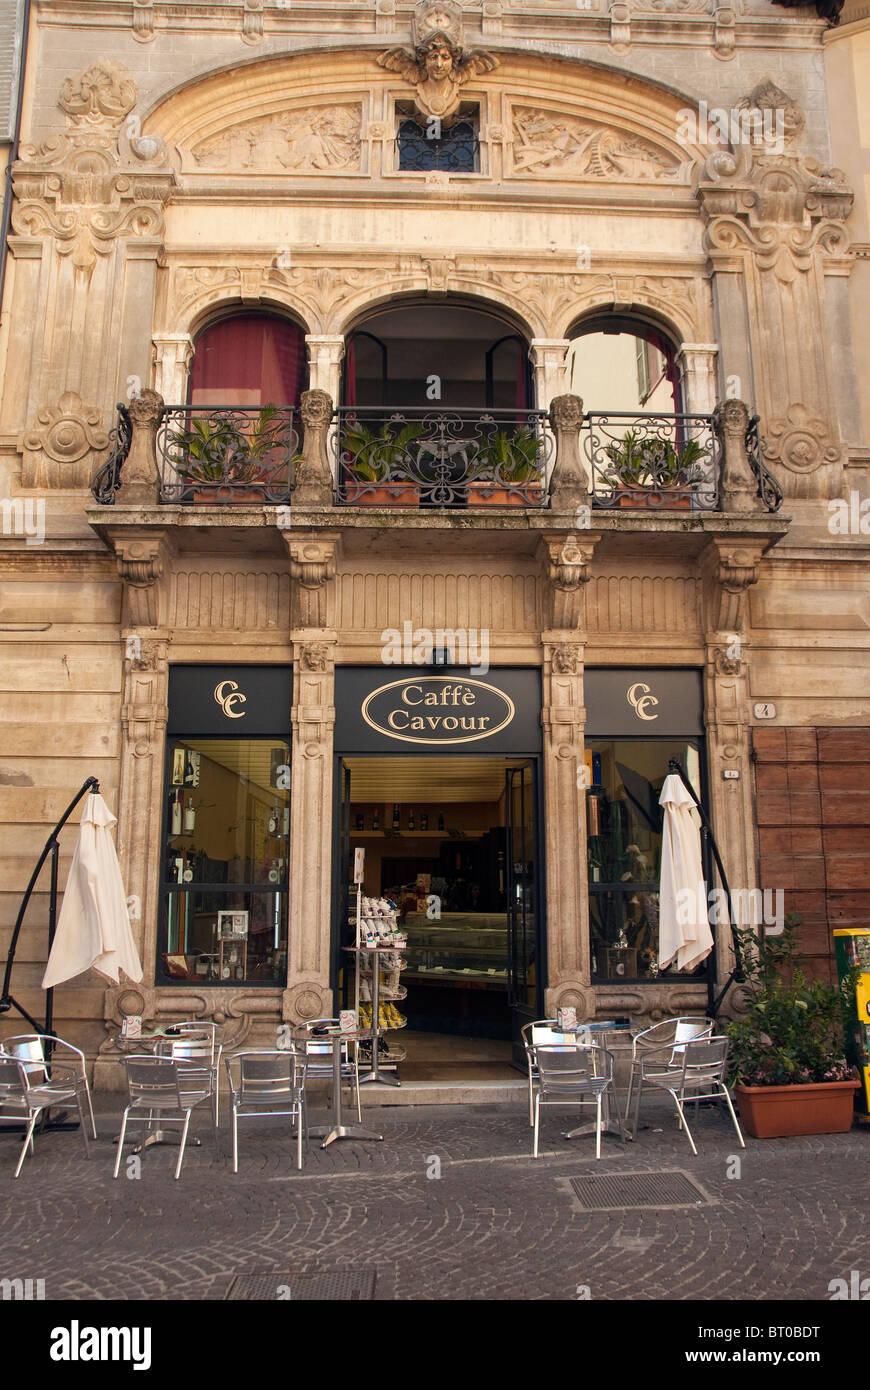 In stile Liberty su un edificio nella Città di Castello, le principali città del nord Umbria, Italia Immagini Stock